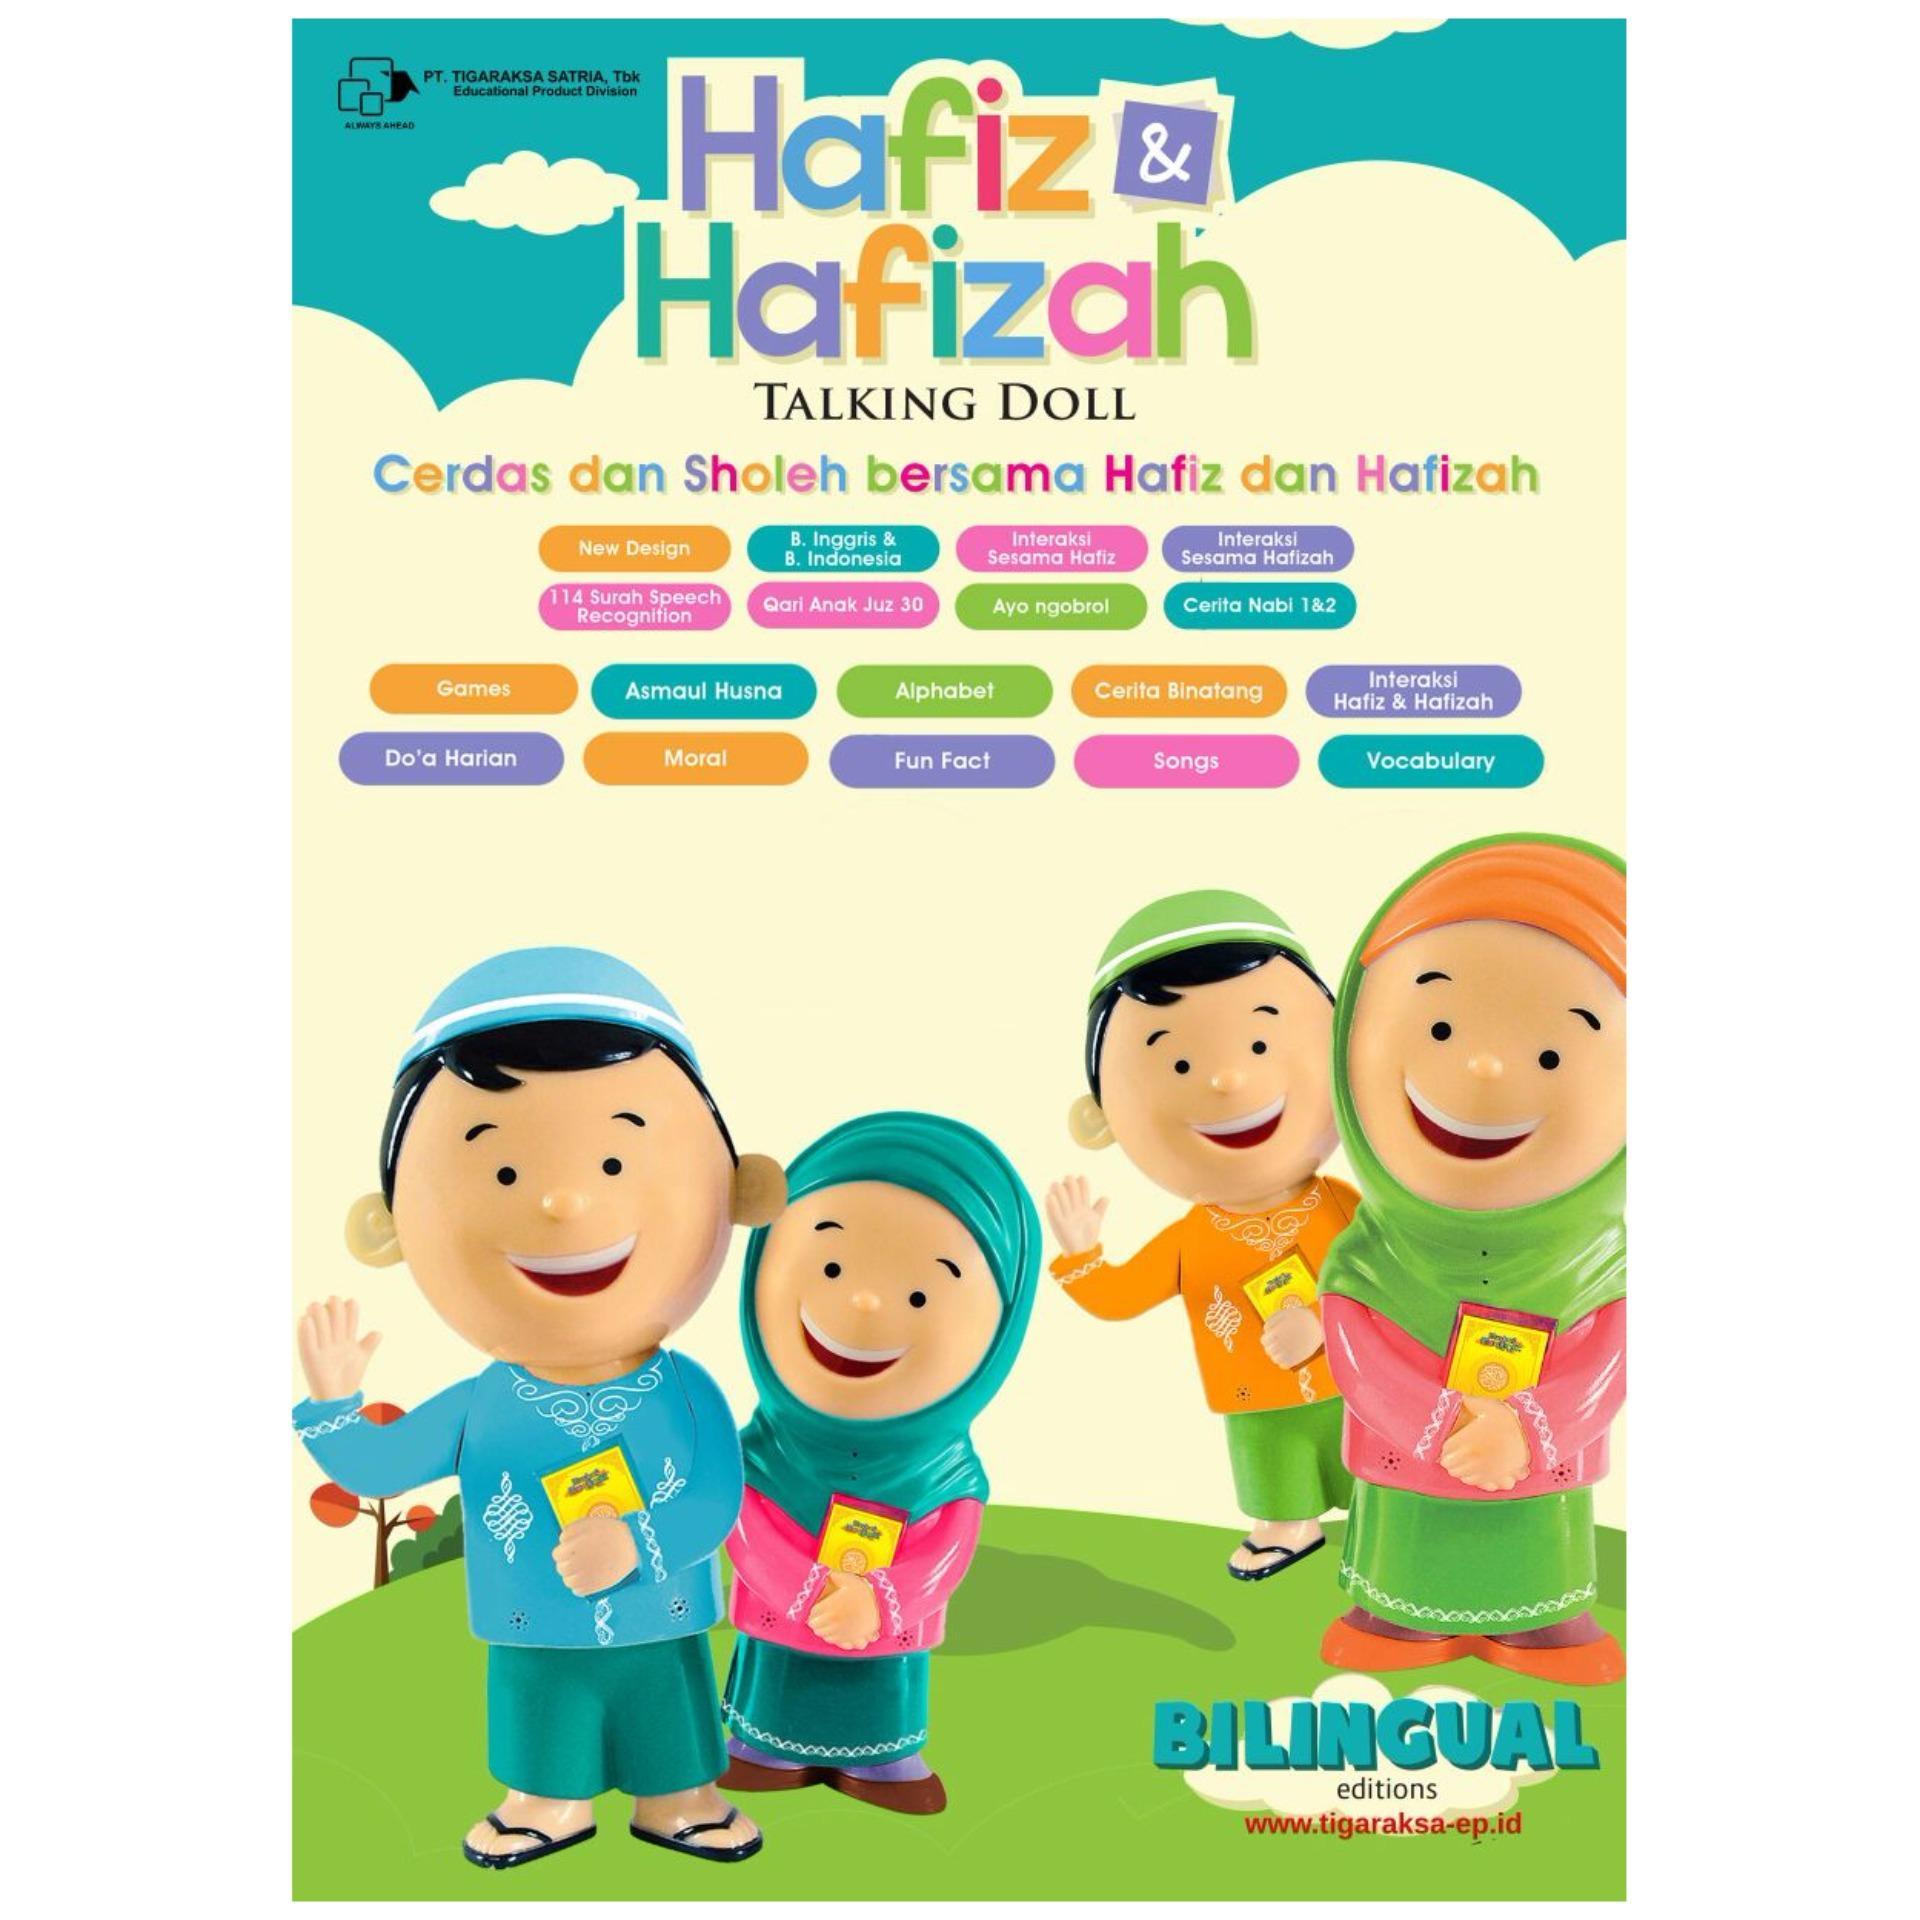 ... Al Qolam - Hafiz & Hafizah Talking Doll - Boneka Bisa Mengaji dan Berbicara (Sepasang ...